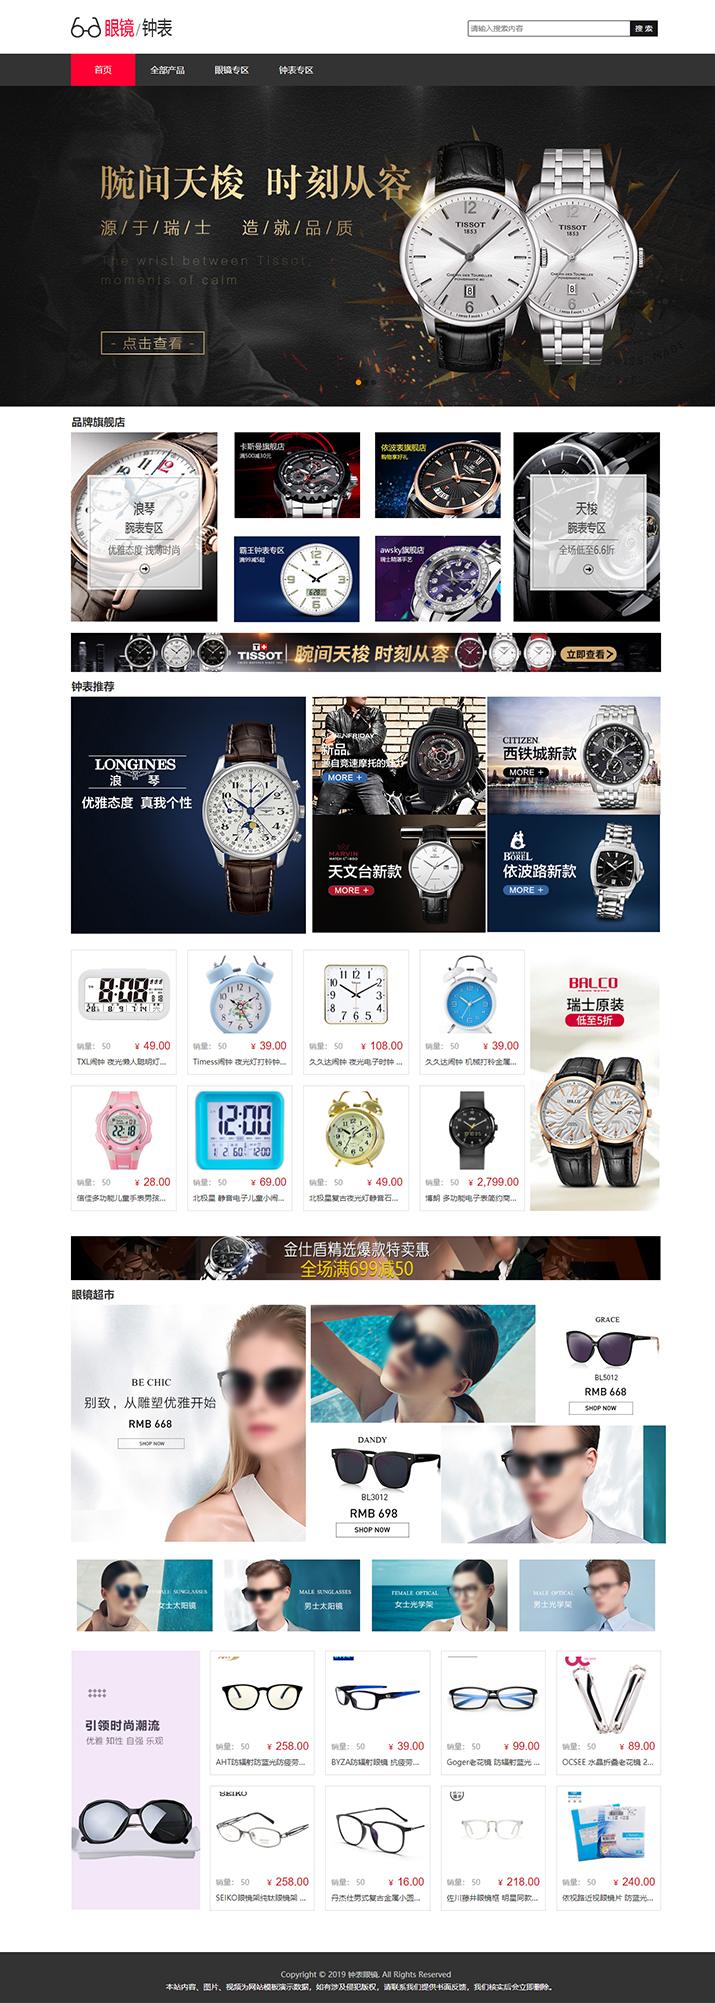 眼镜钟表商城网站模板